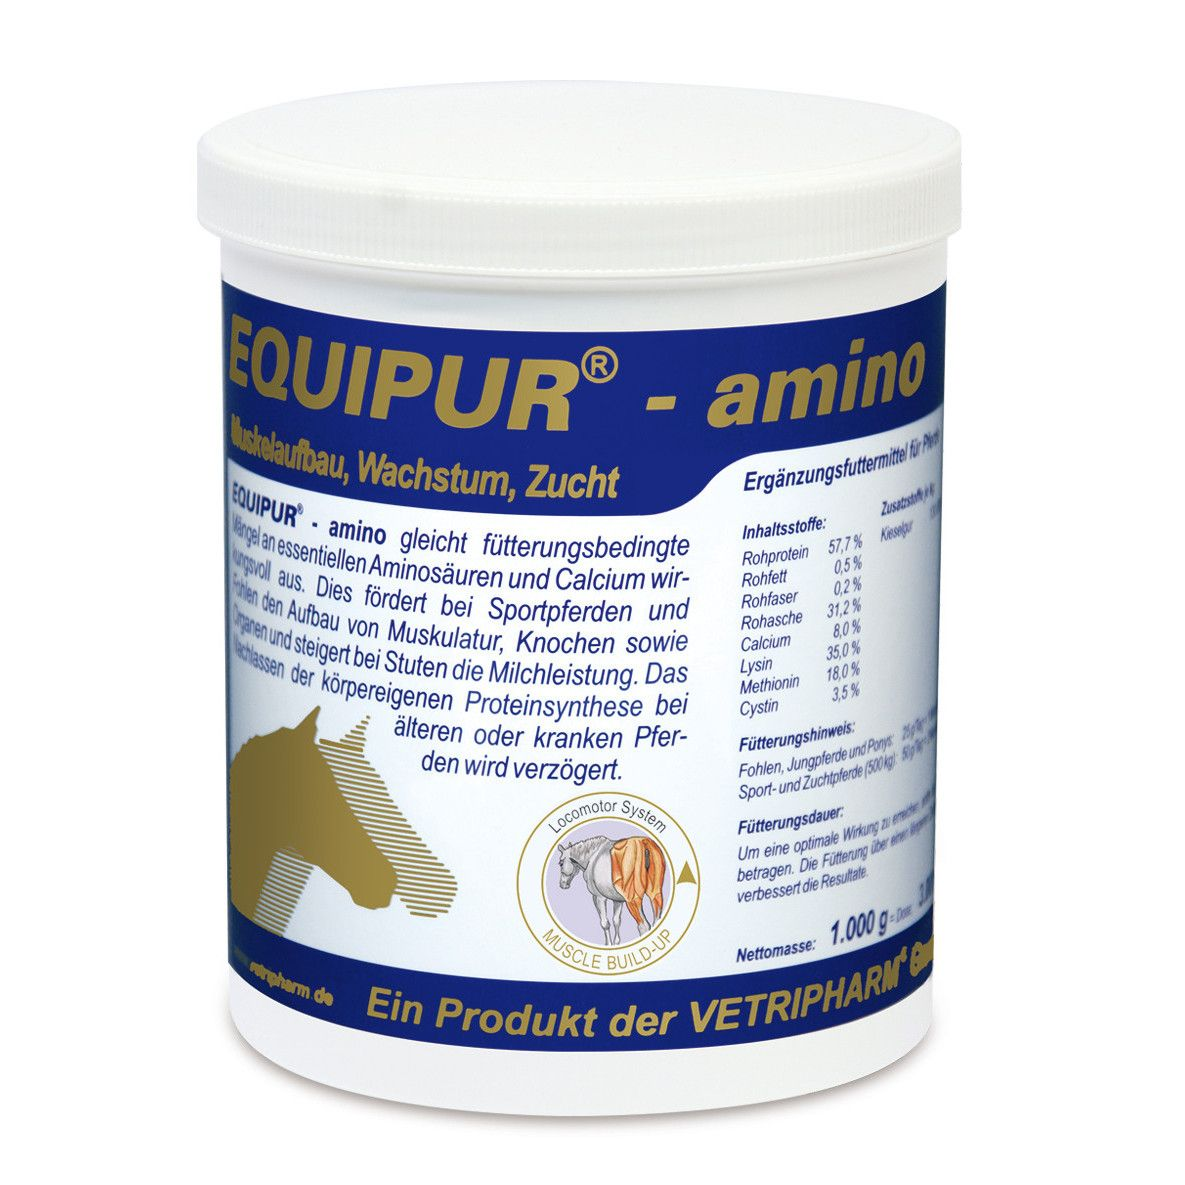 Vetripharm Equipur amino